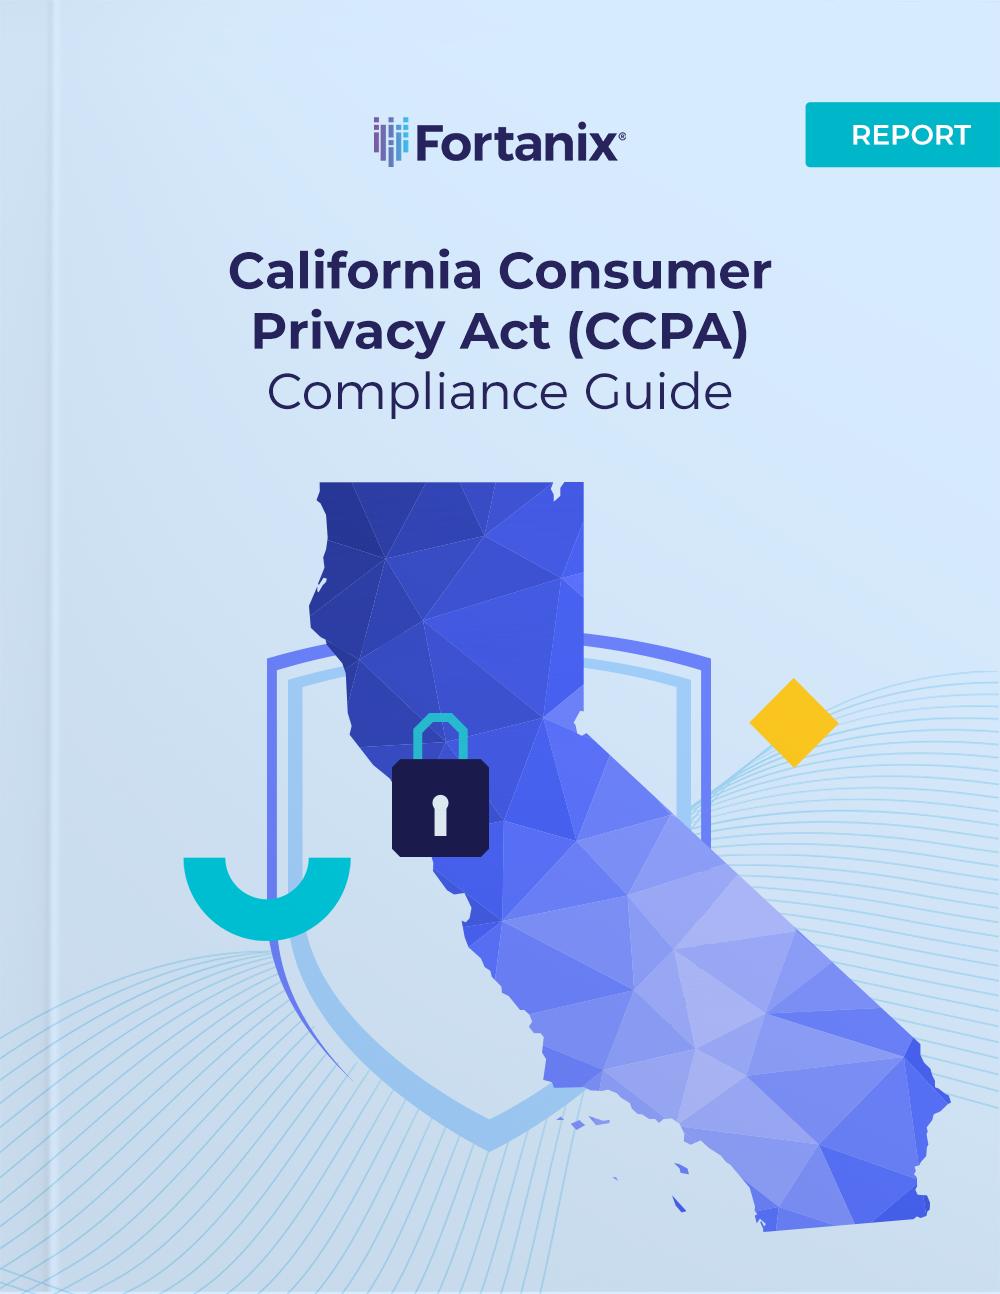 ccpa_report